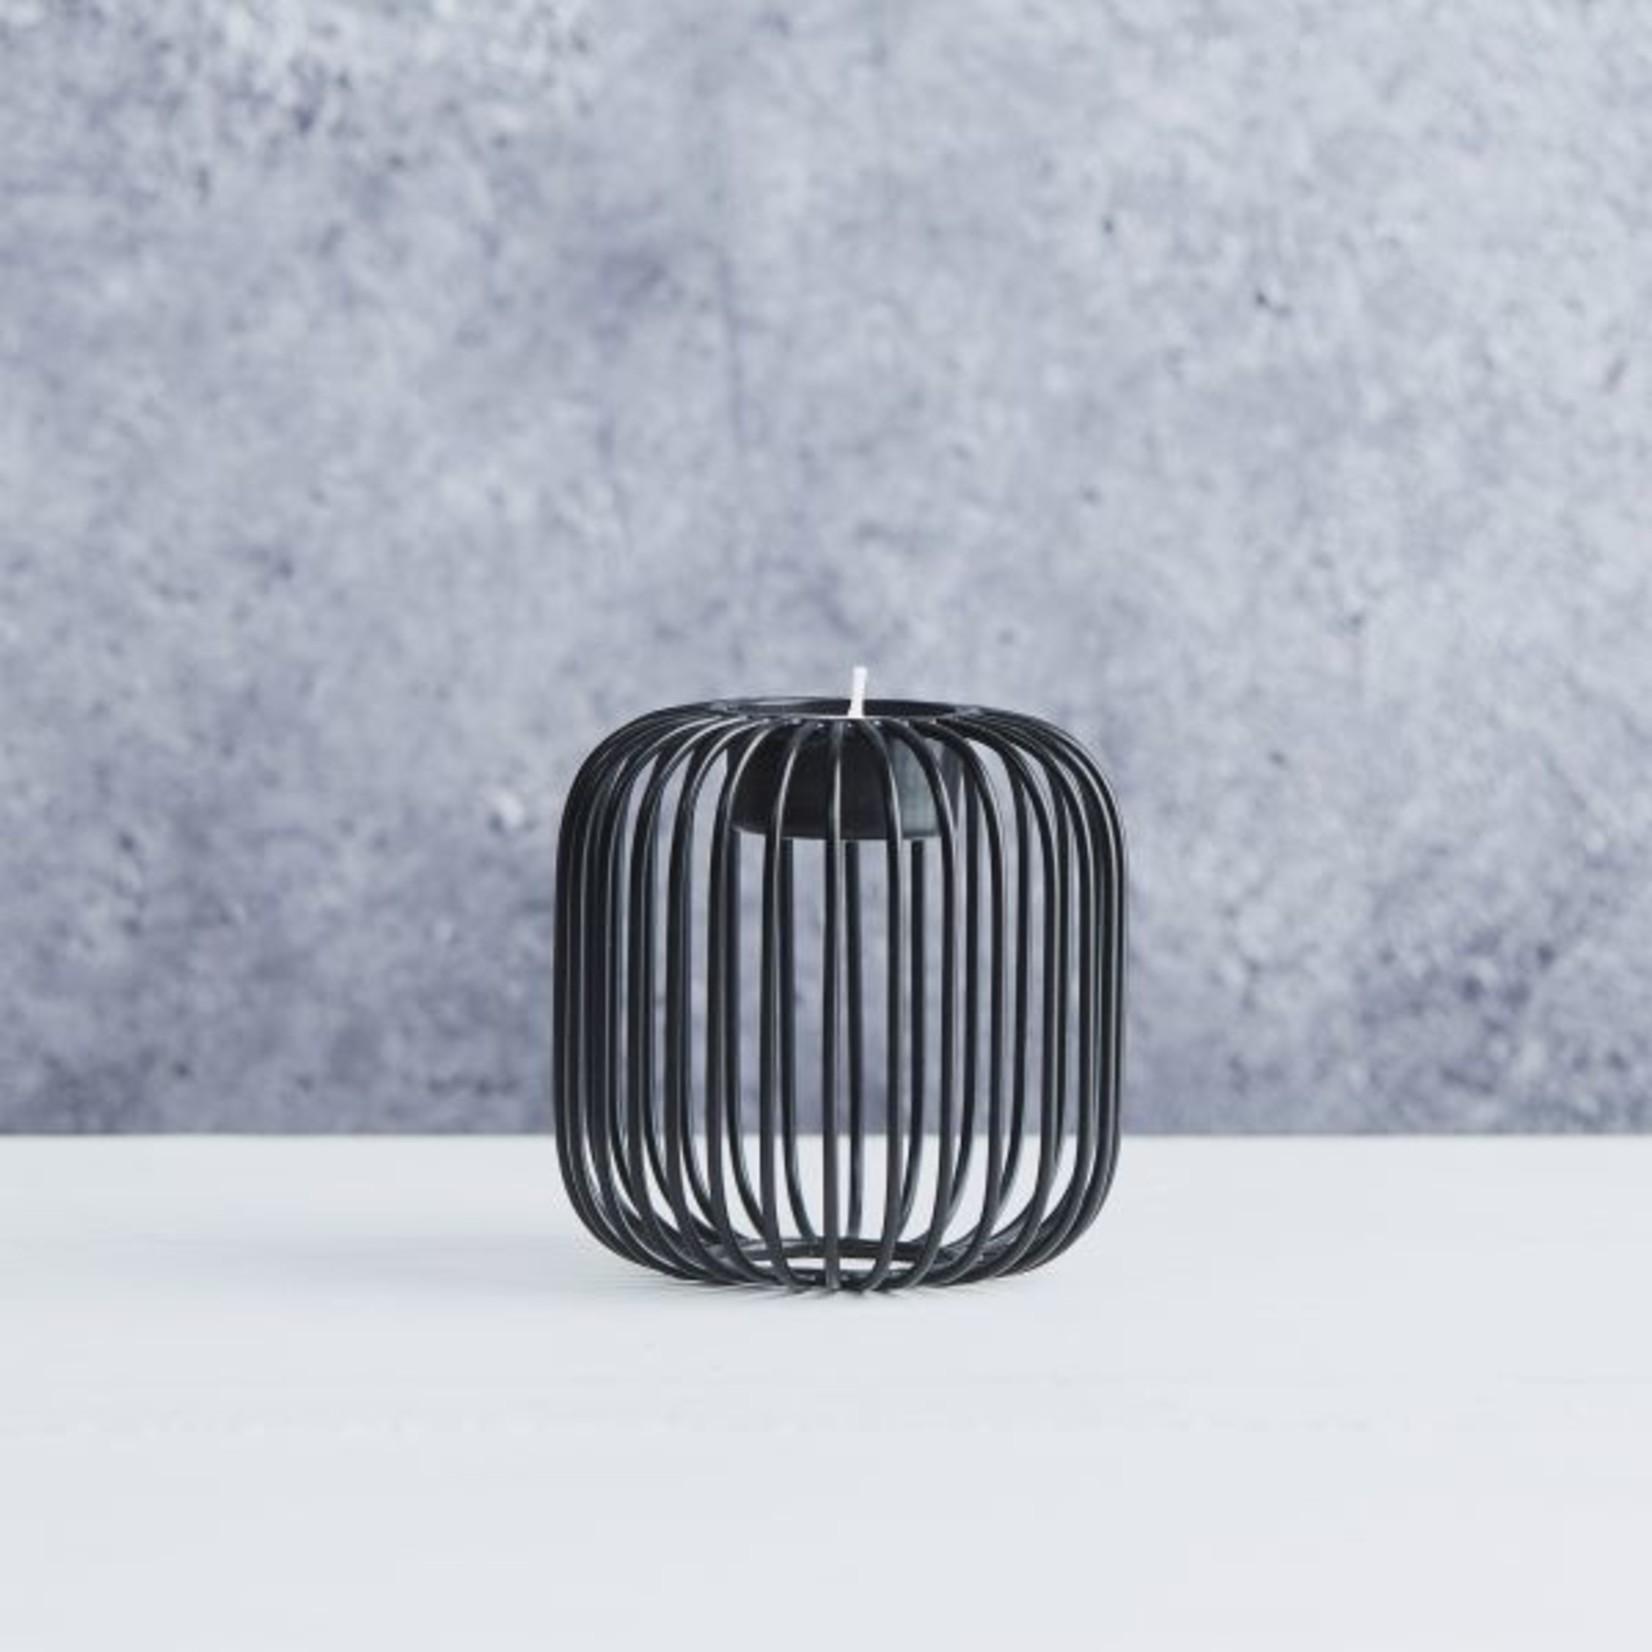 Point Virgule Theelichthouder - Wire - Zwart - ø 9.5cm x 9.5cm